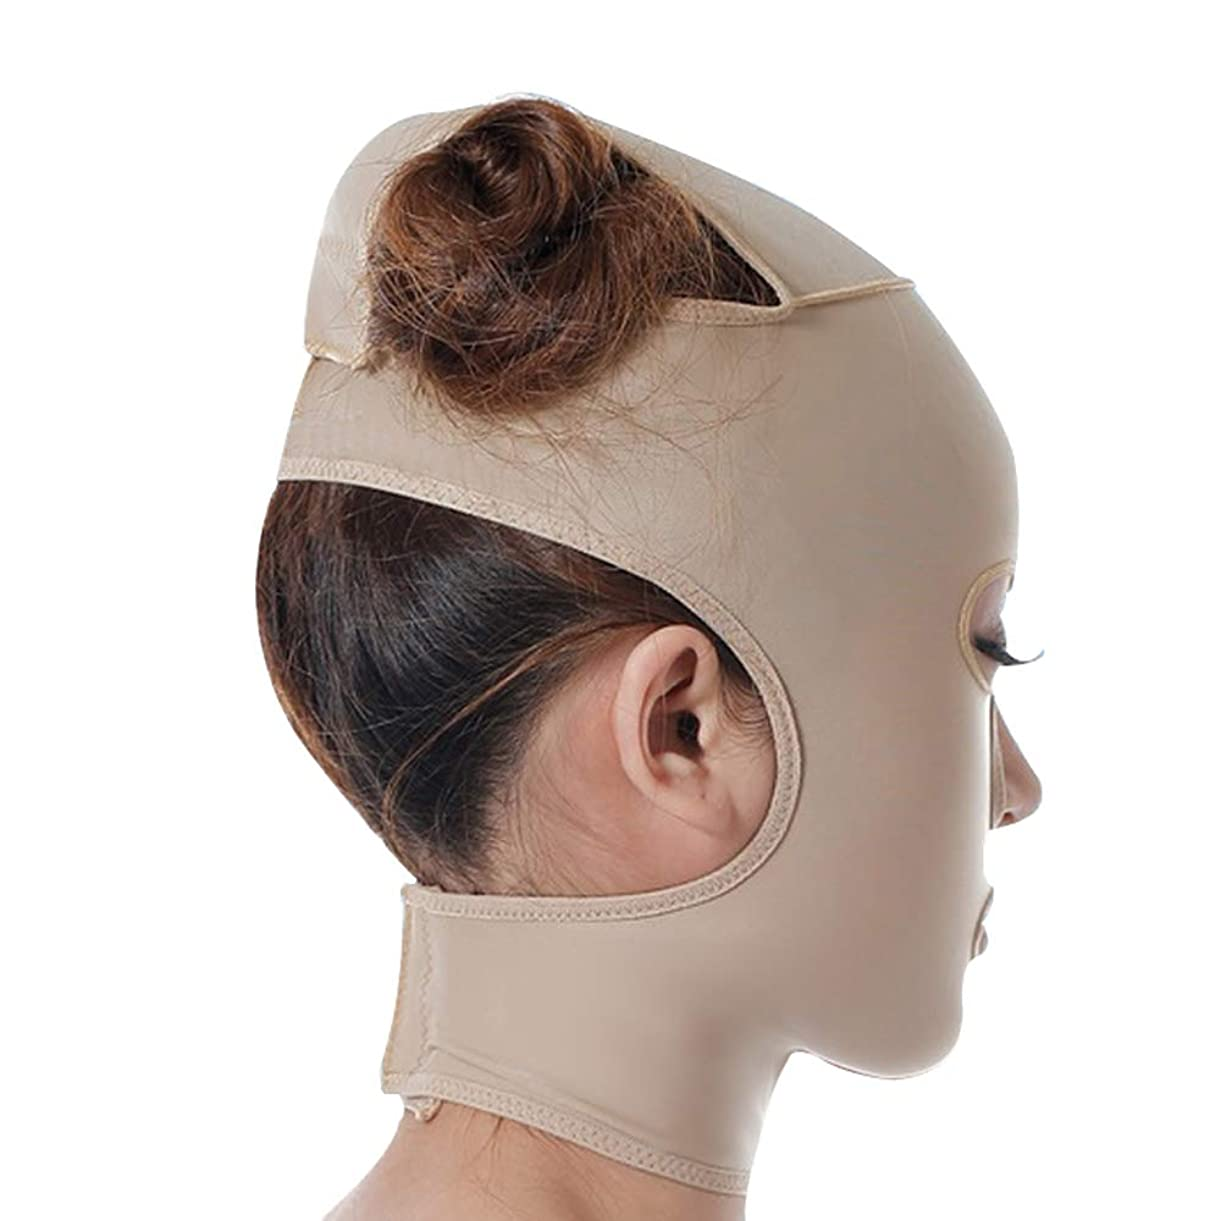 玉ハンドブック知覚的TLMY 引き締めマスクマスク美容薬マスク美容V顔包帯ライン彫刻リフティング引き締め二重あごマスク 顔用整形マスク (Size : M)